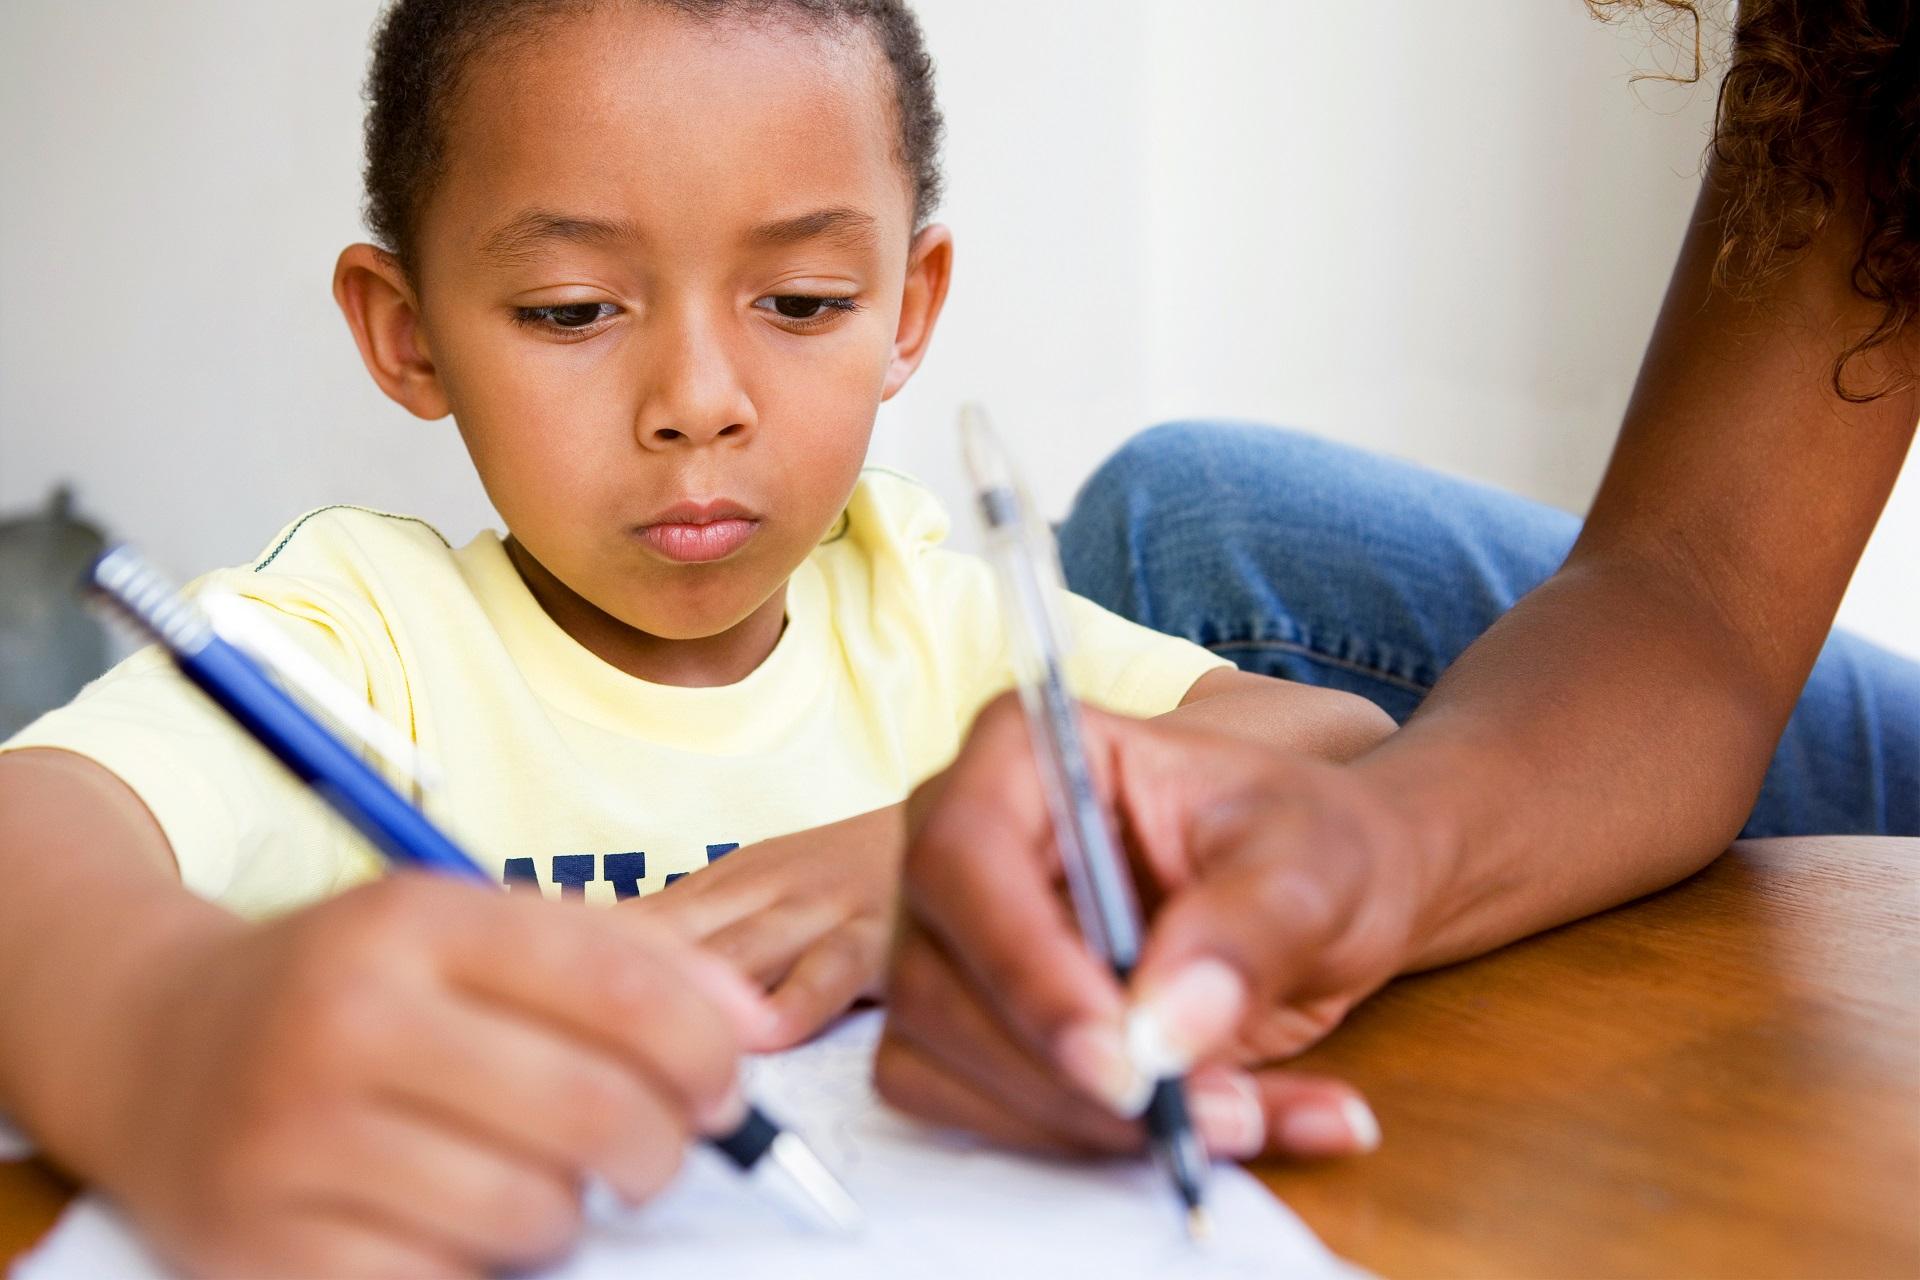 Schrijvende jongen